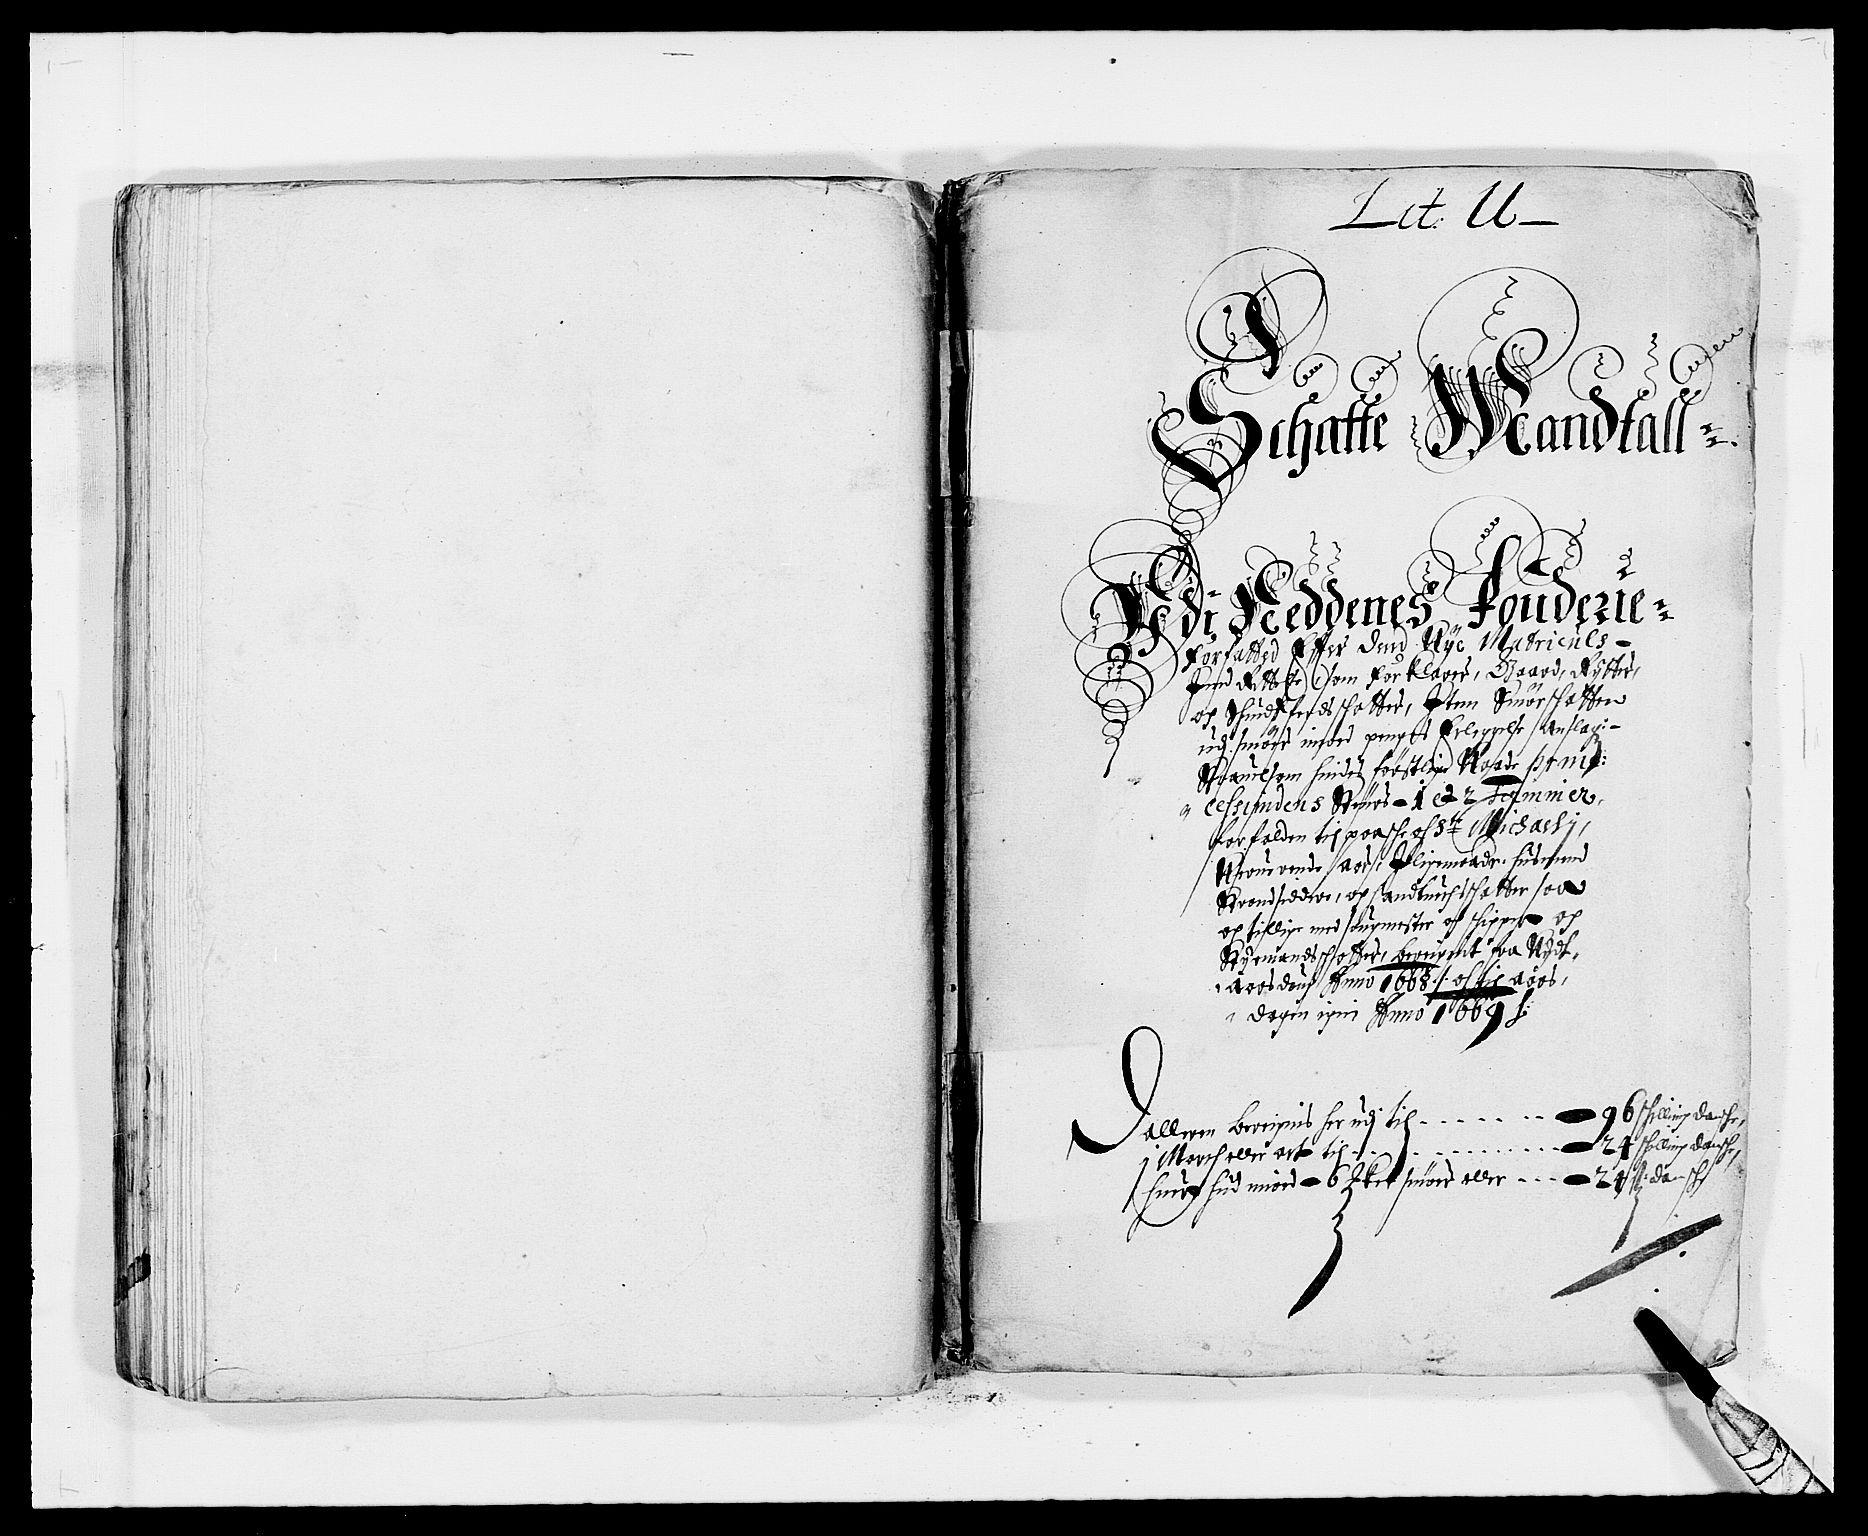 RA, Rentekammeret inntil 1814, Reviderte regnskaper, Fogderegnskap, R39/L2297: Fogderegnskap Nedenes, 1667-1669, s. 196